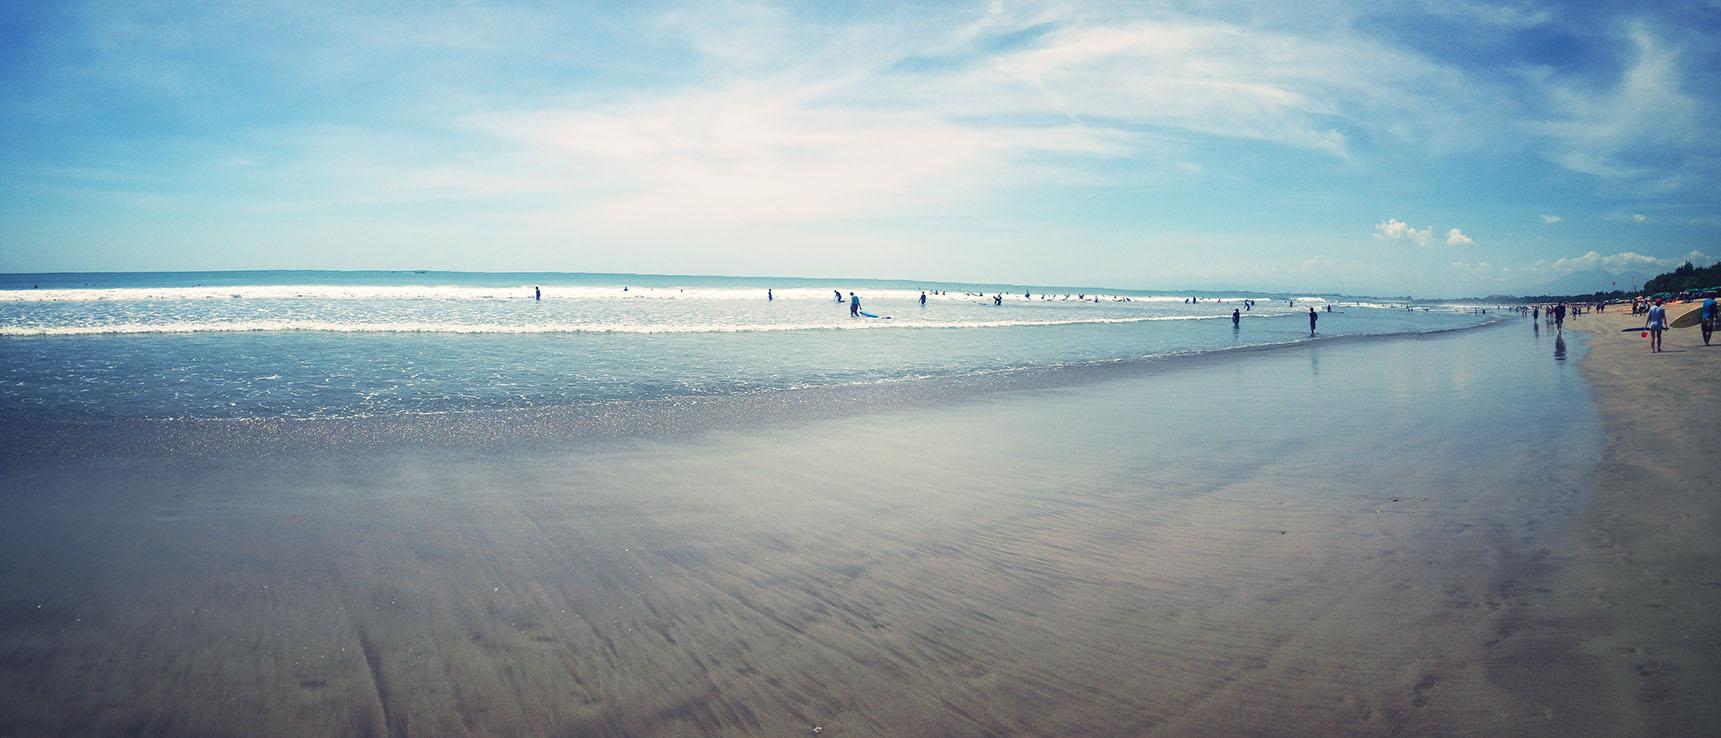 Kuta beach bali indonesia asia surf